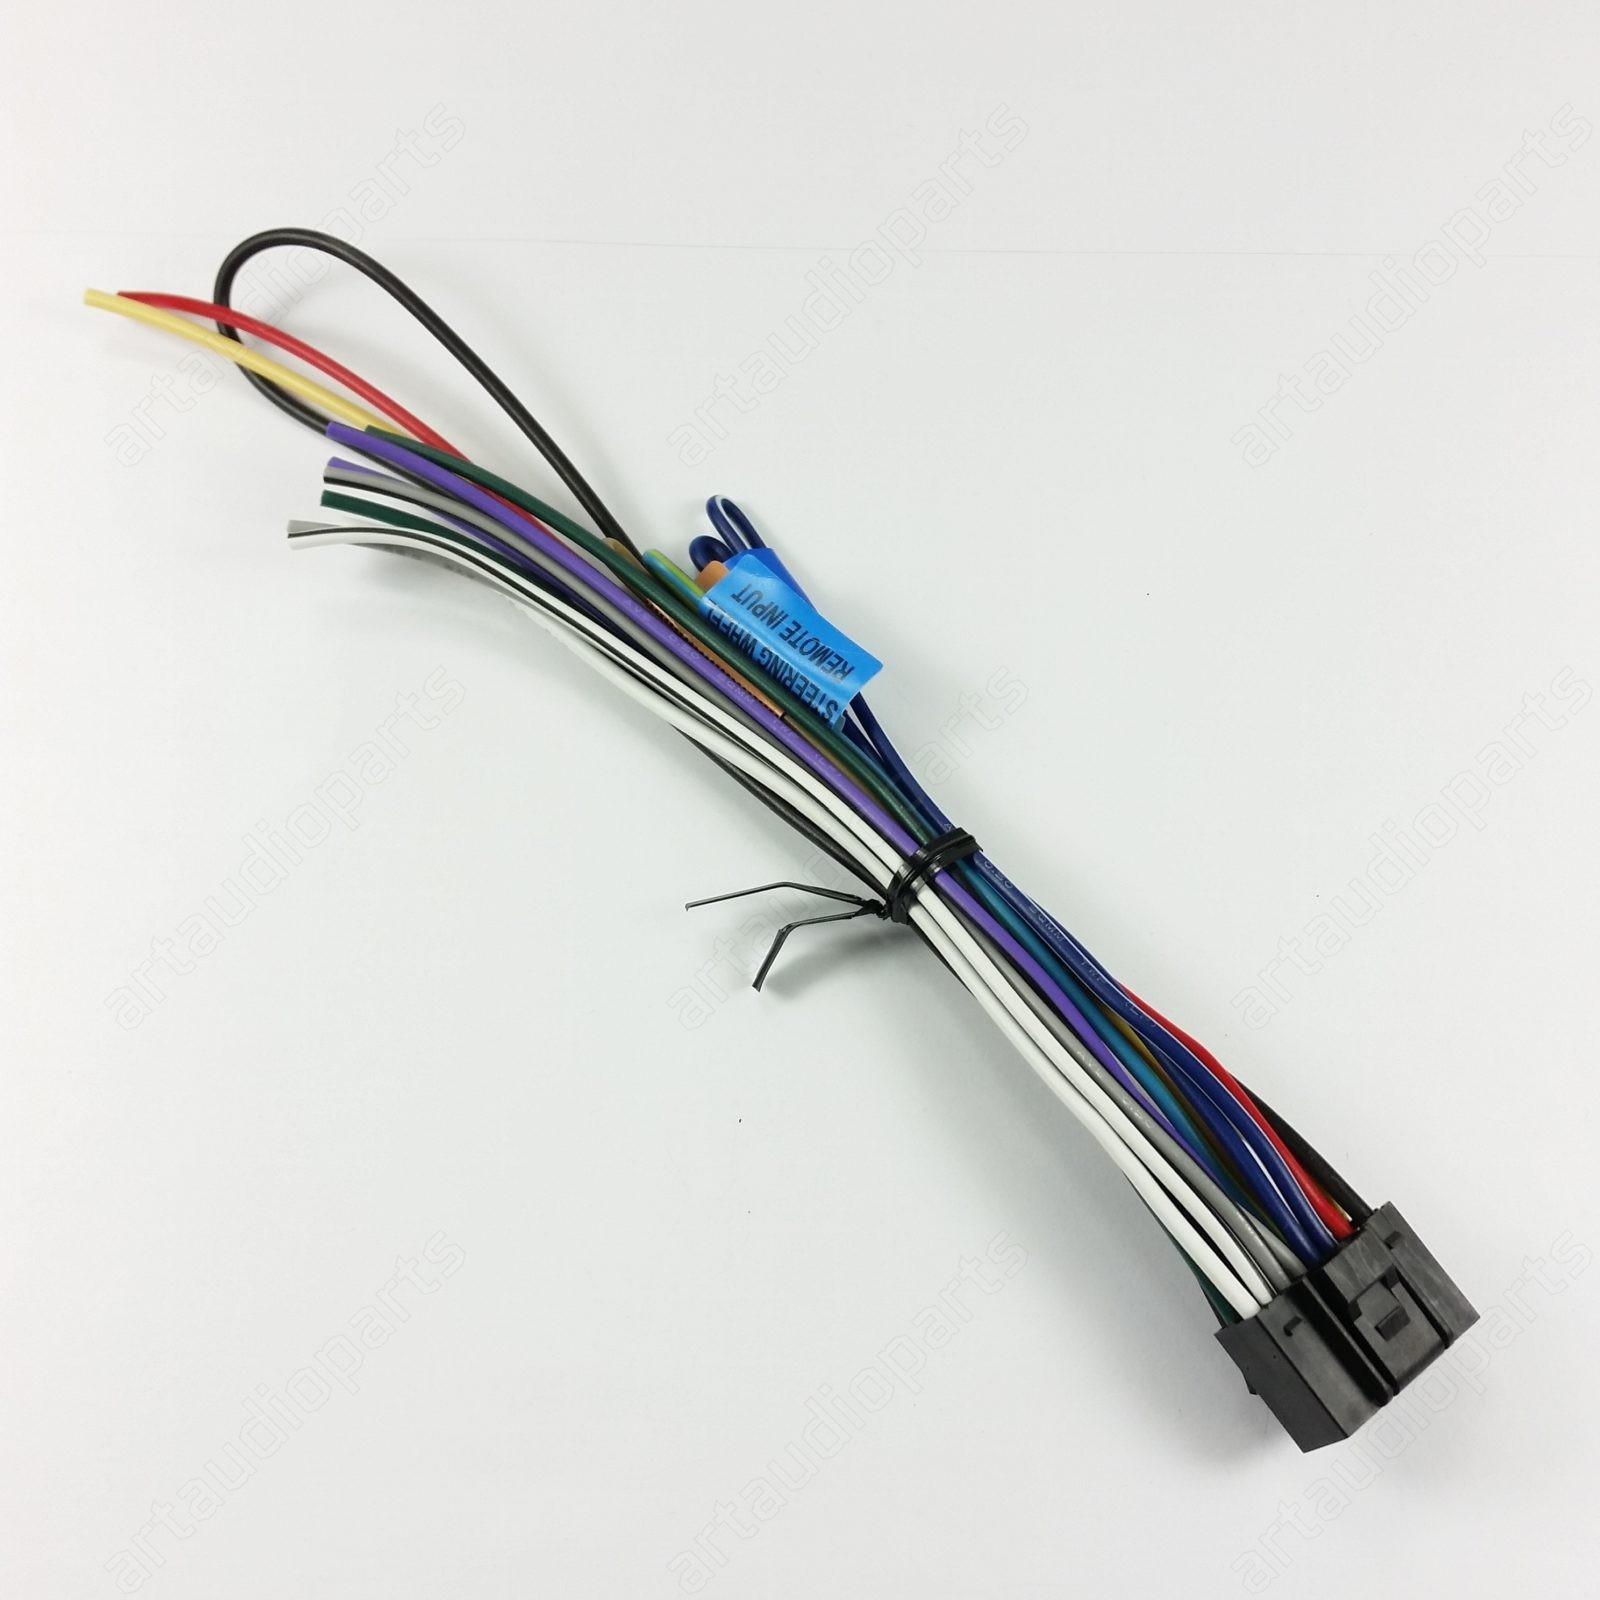 kenwood kdc 200u wiring diagram on kenwood model kdc 152 wiring